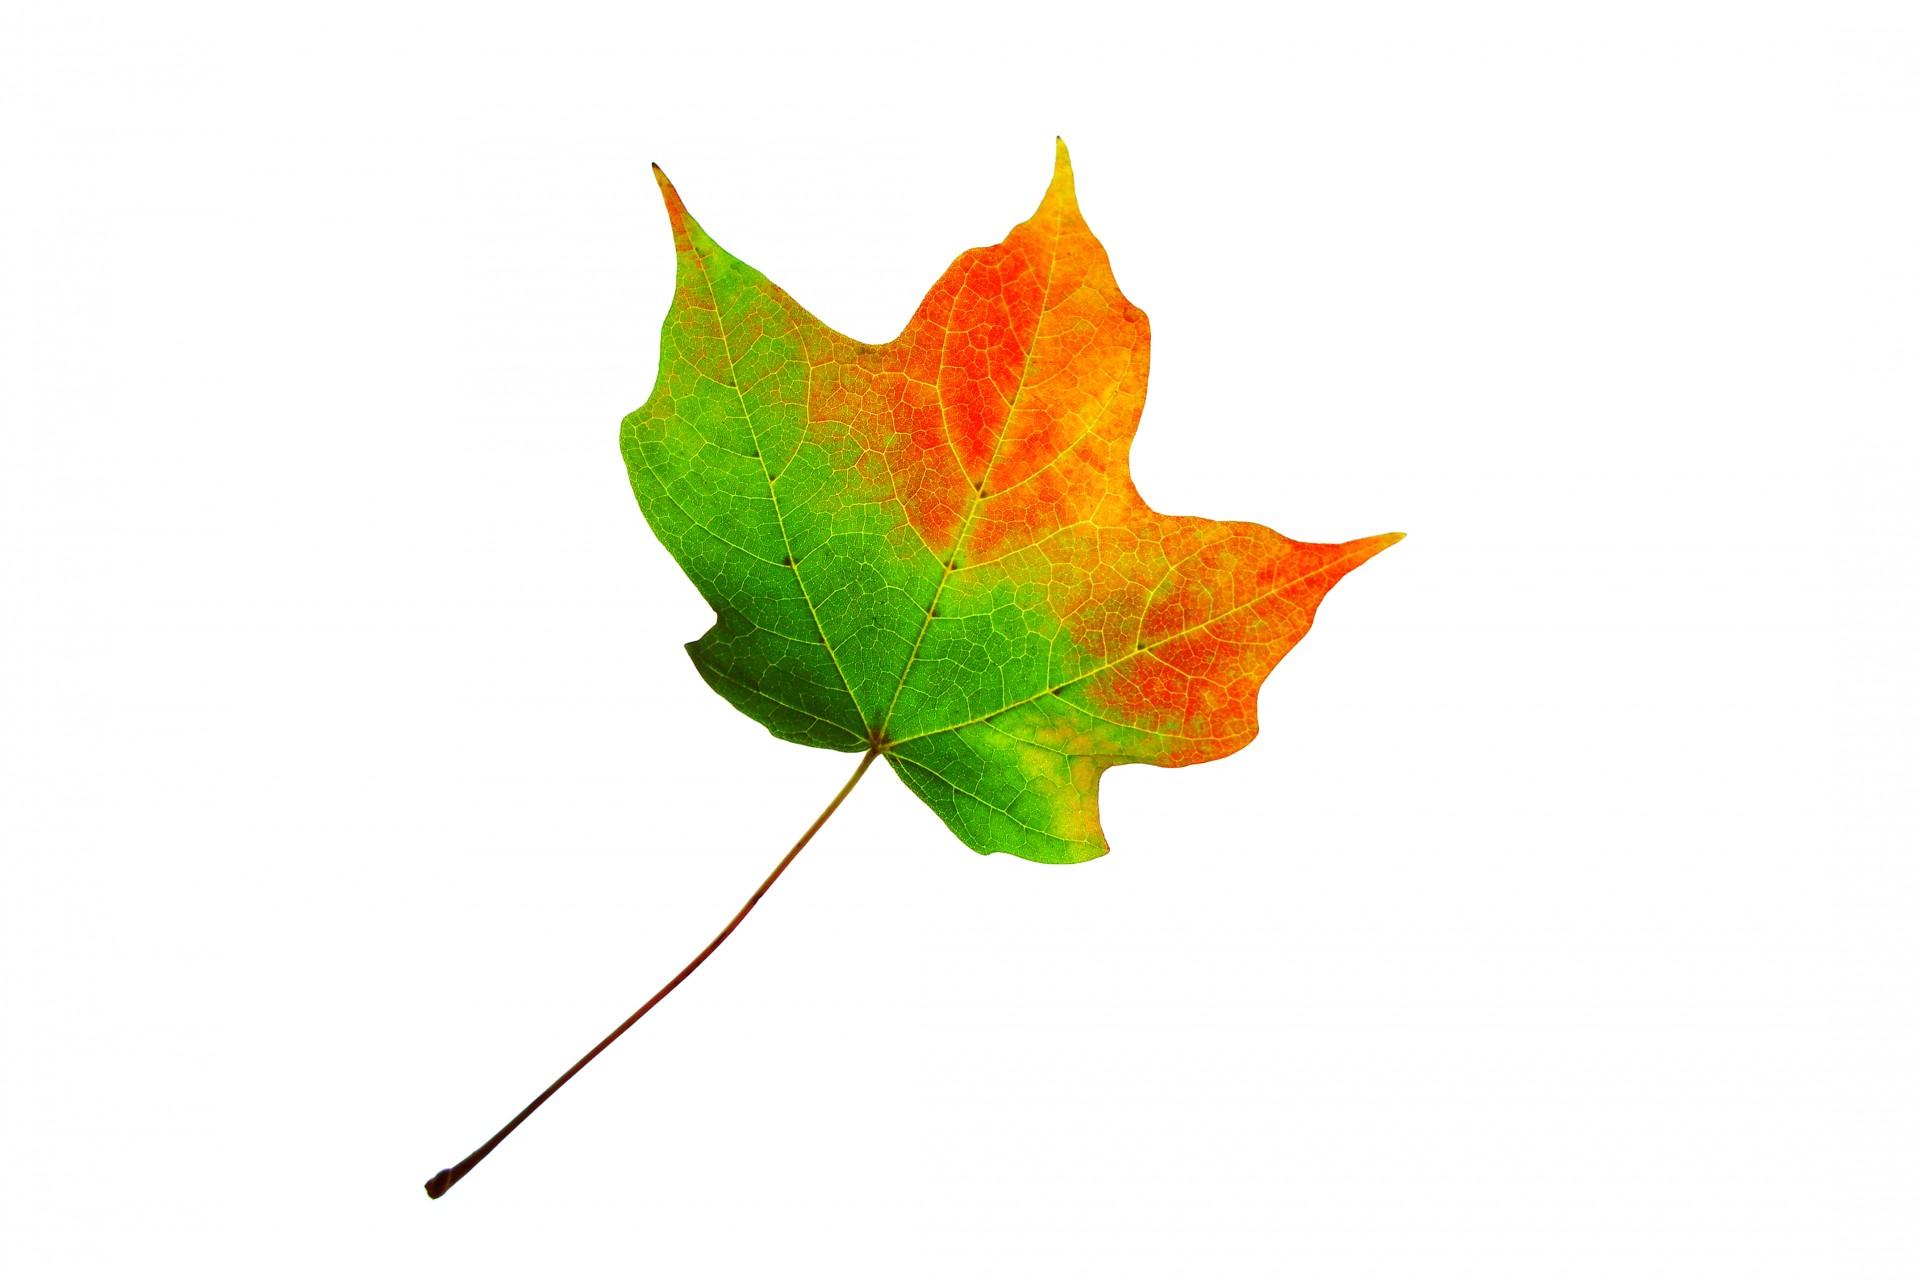 leaf-changing-color